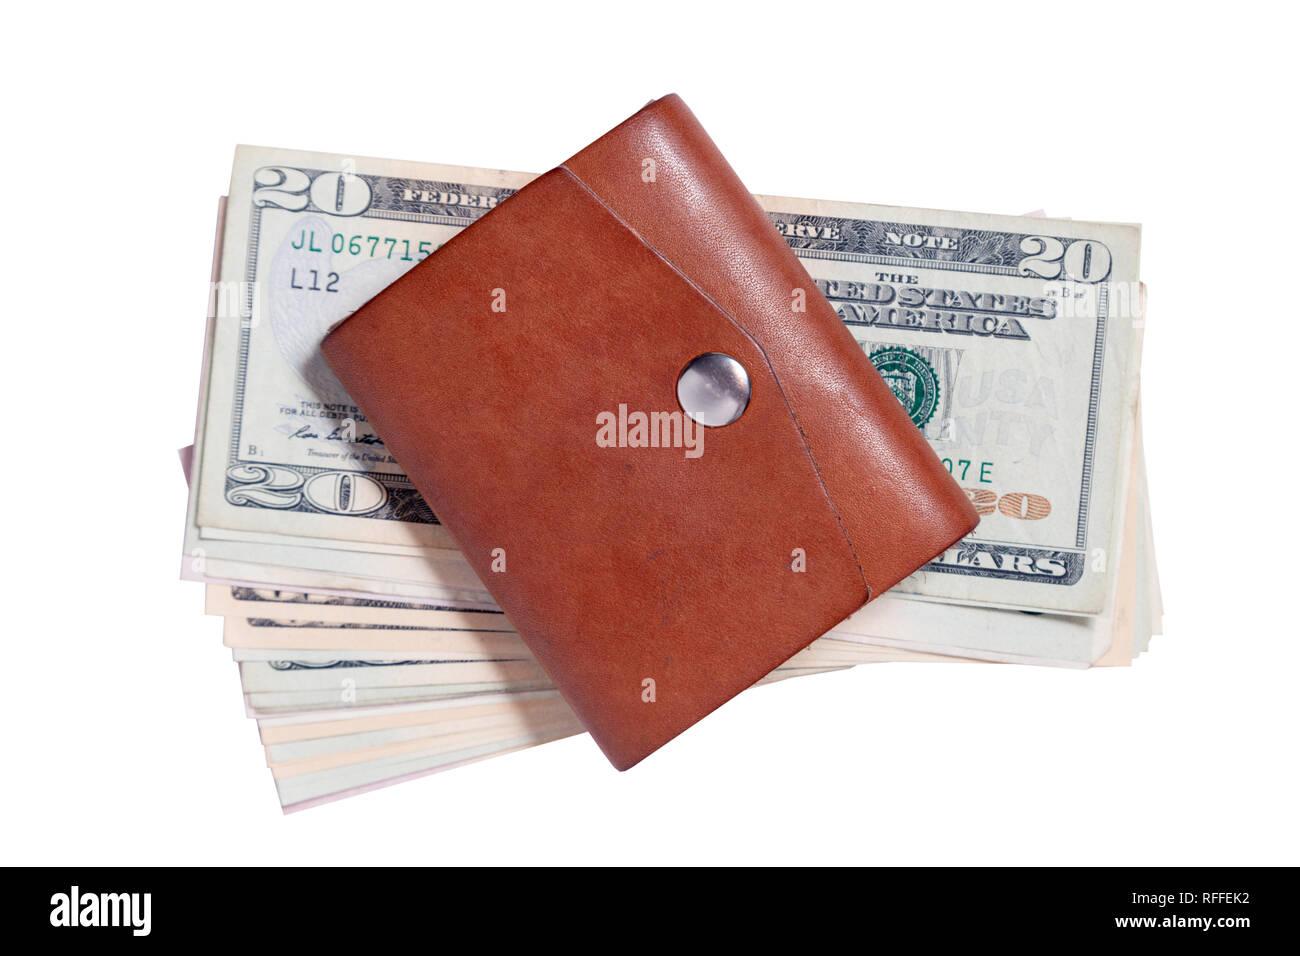 disabilità strutturali super economico rispetto a nessuna tassa di vendita Closeup molti dollaro americano banconote chiusa in pelle ...